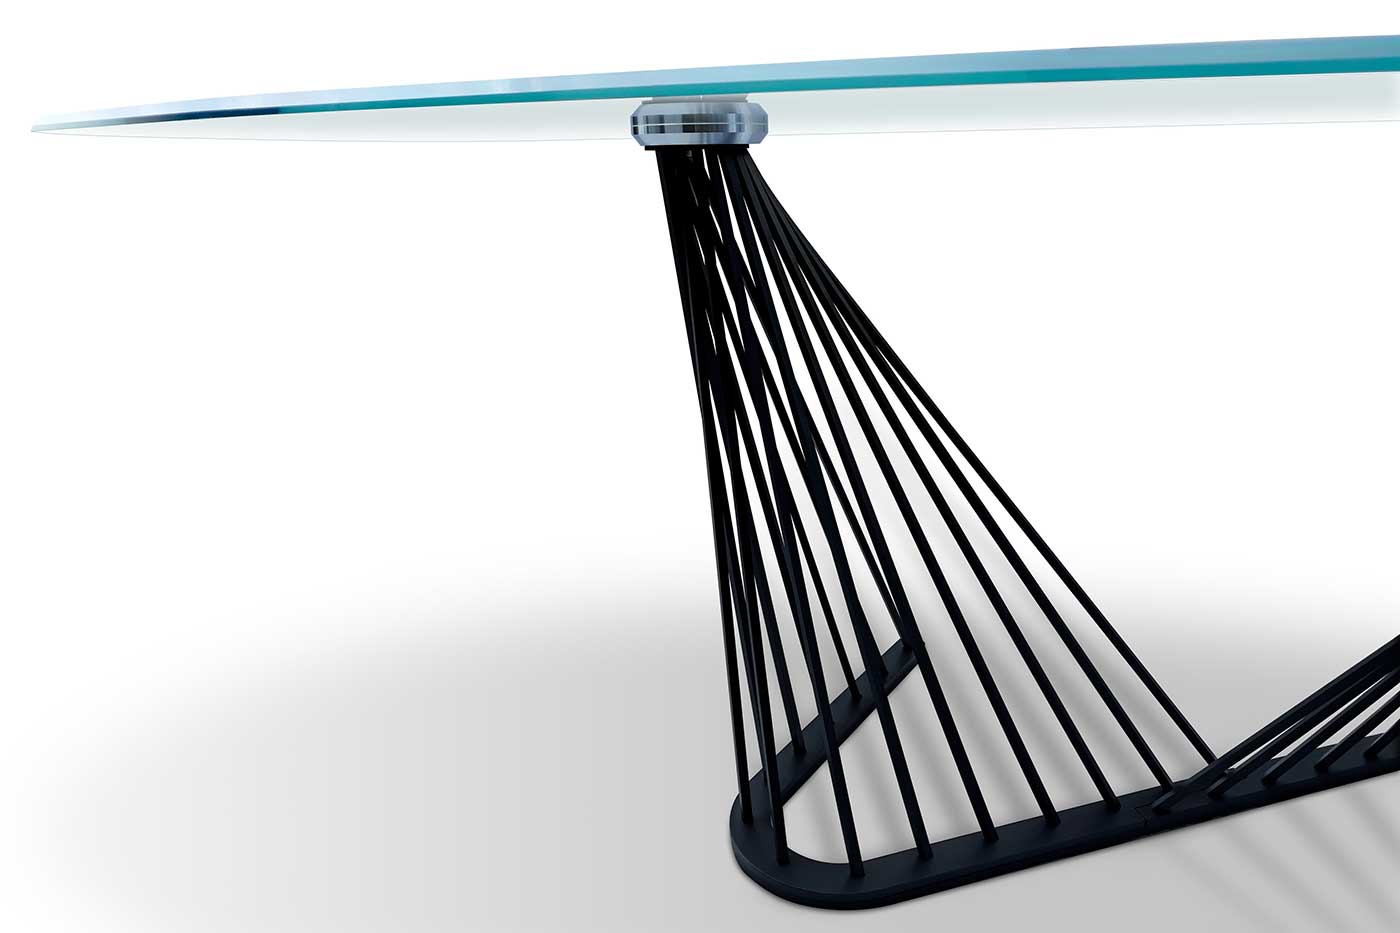 Andrea Lucatello disegna un tavolo a botte con piano in vetro e base dalle armoniose forme di un'arpa. Arreda la tua sala da pranzo con lusso e raffinatezza